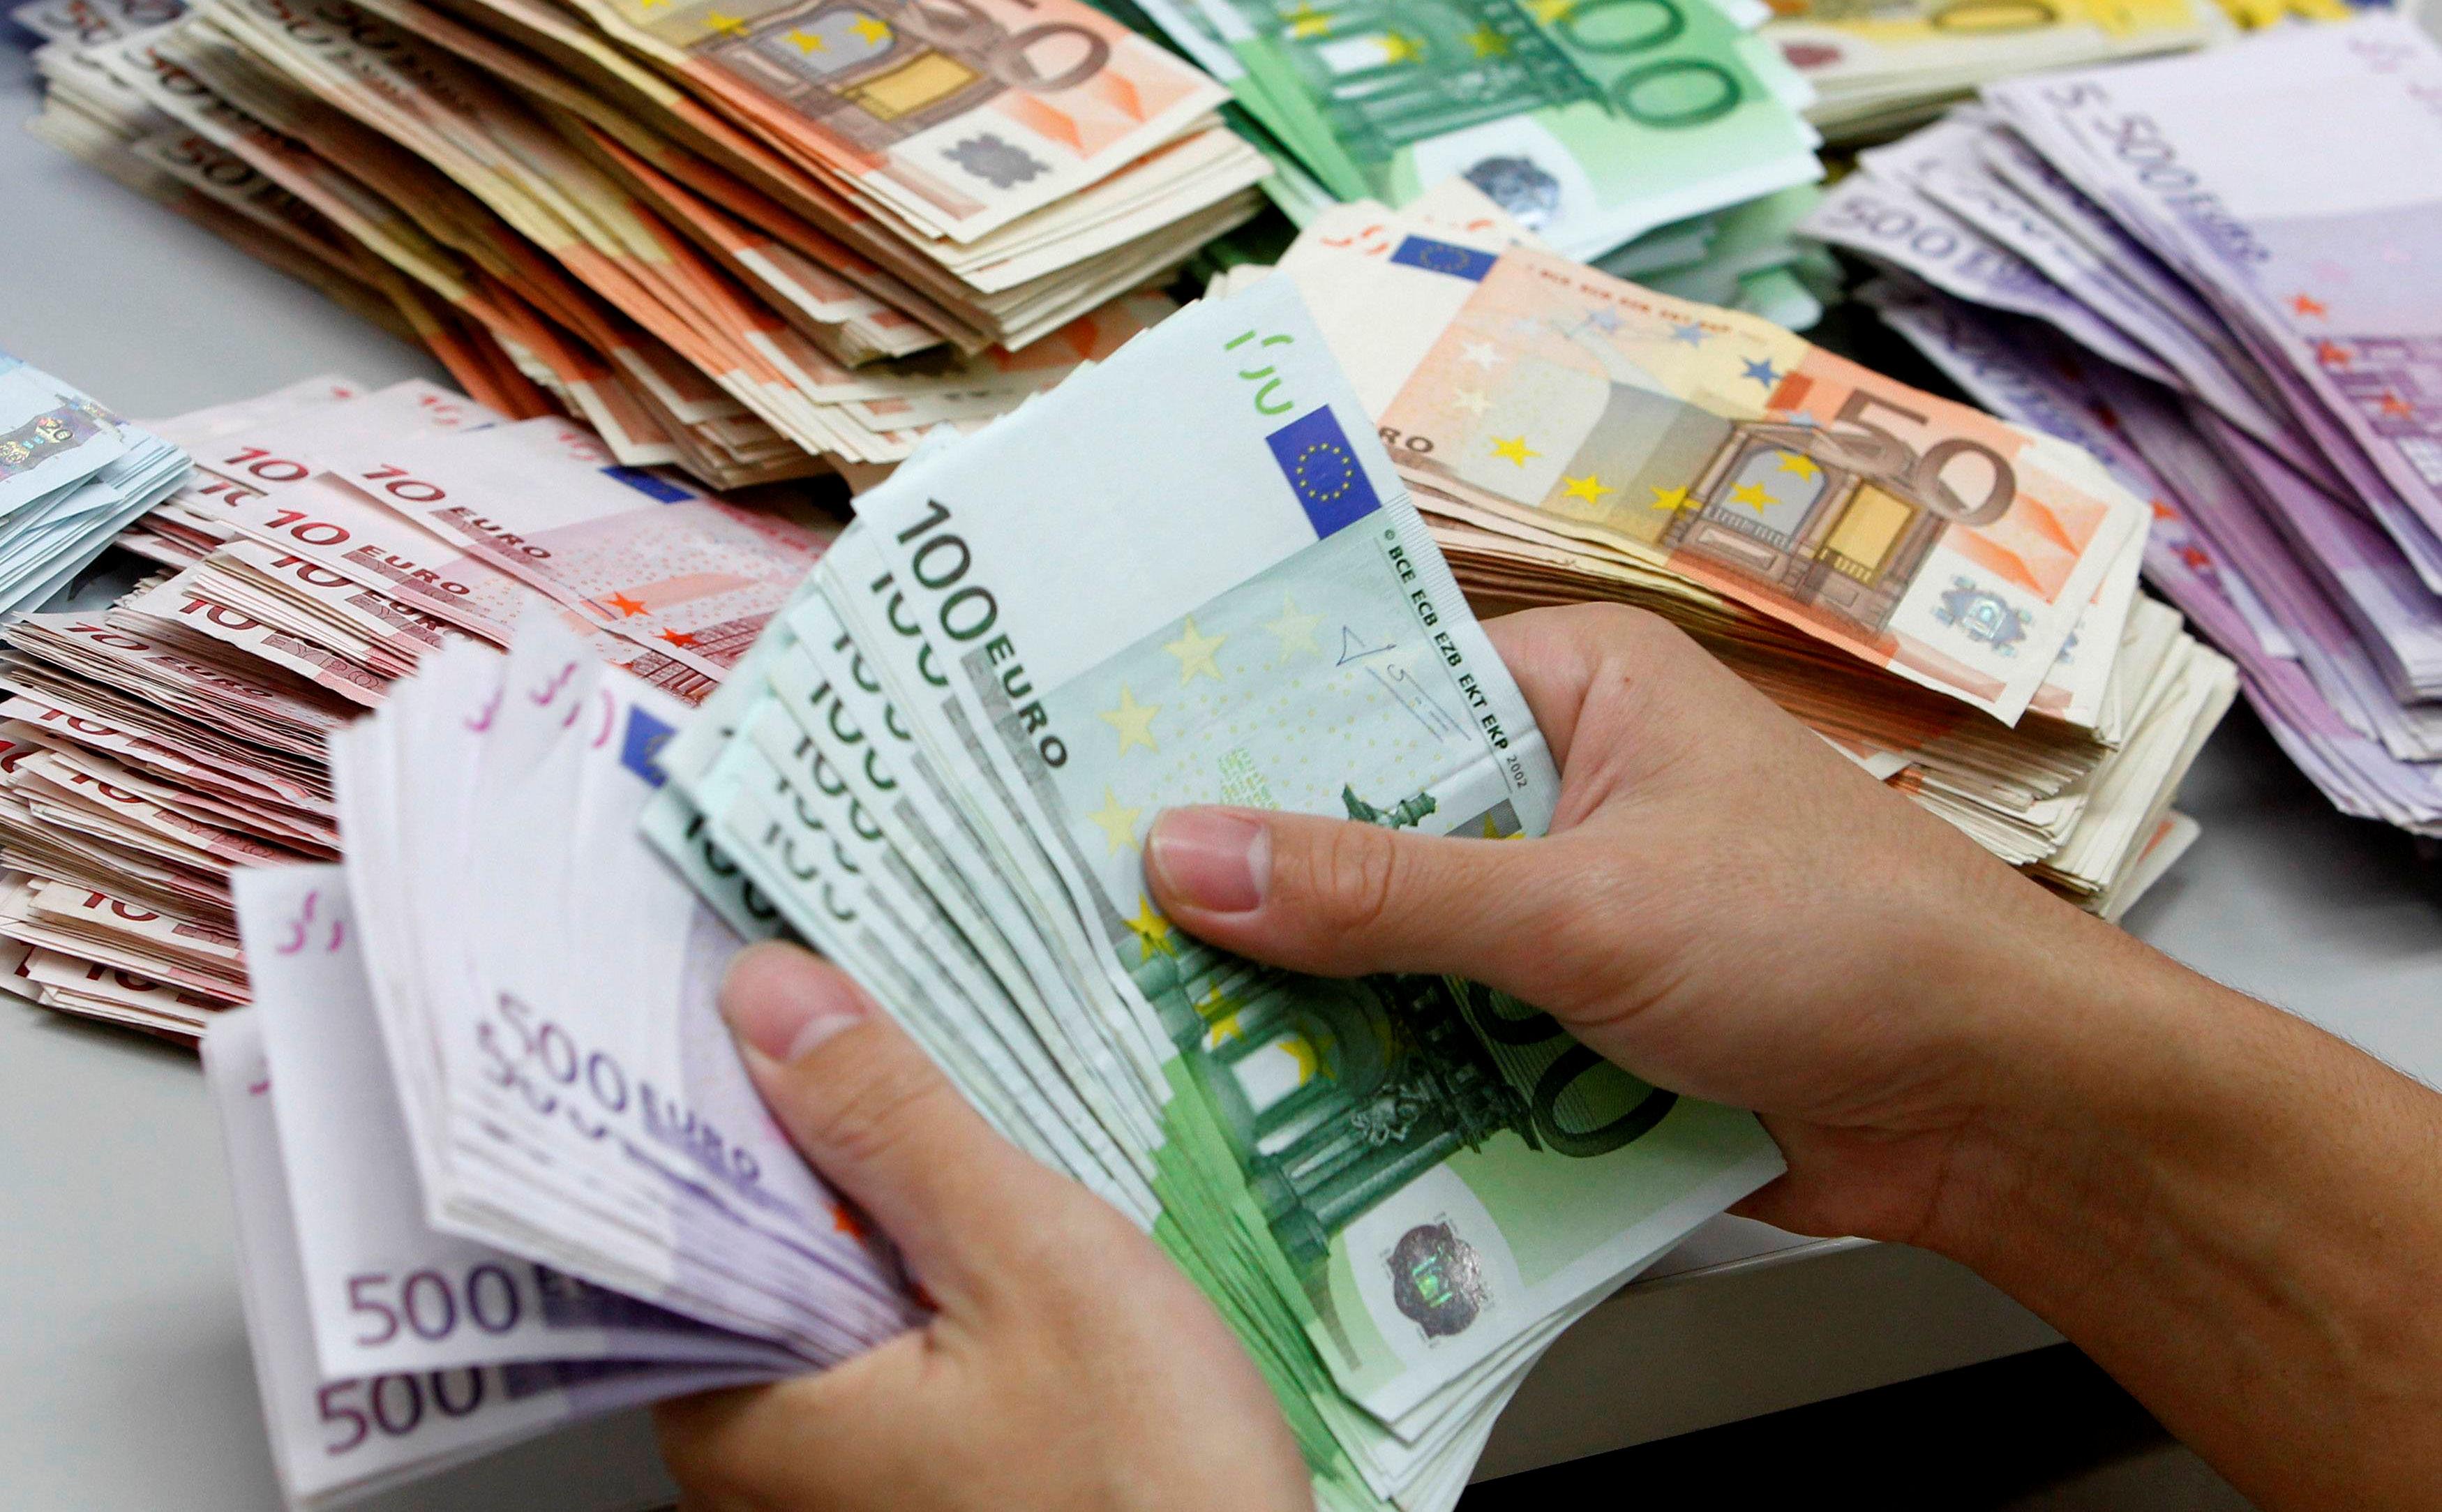 Kjo është vlera e konfiskuar e pasurisë së paligjshme për një vit (video)